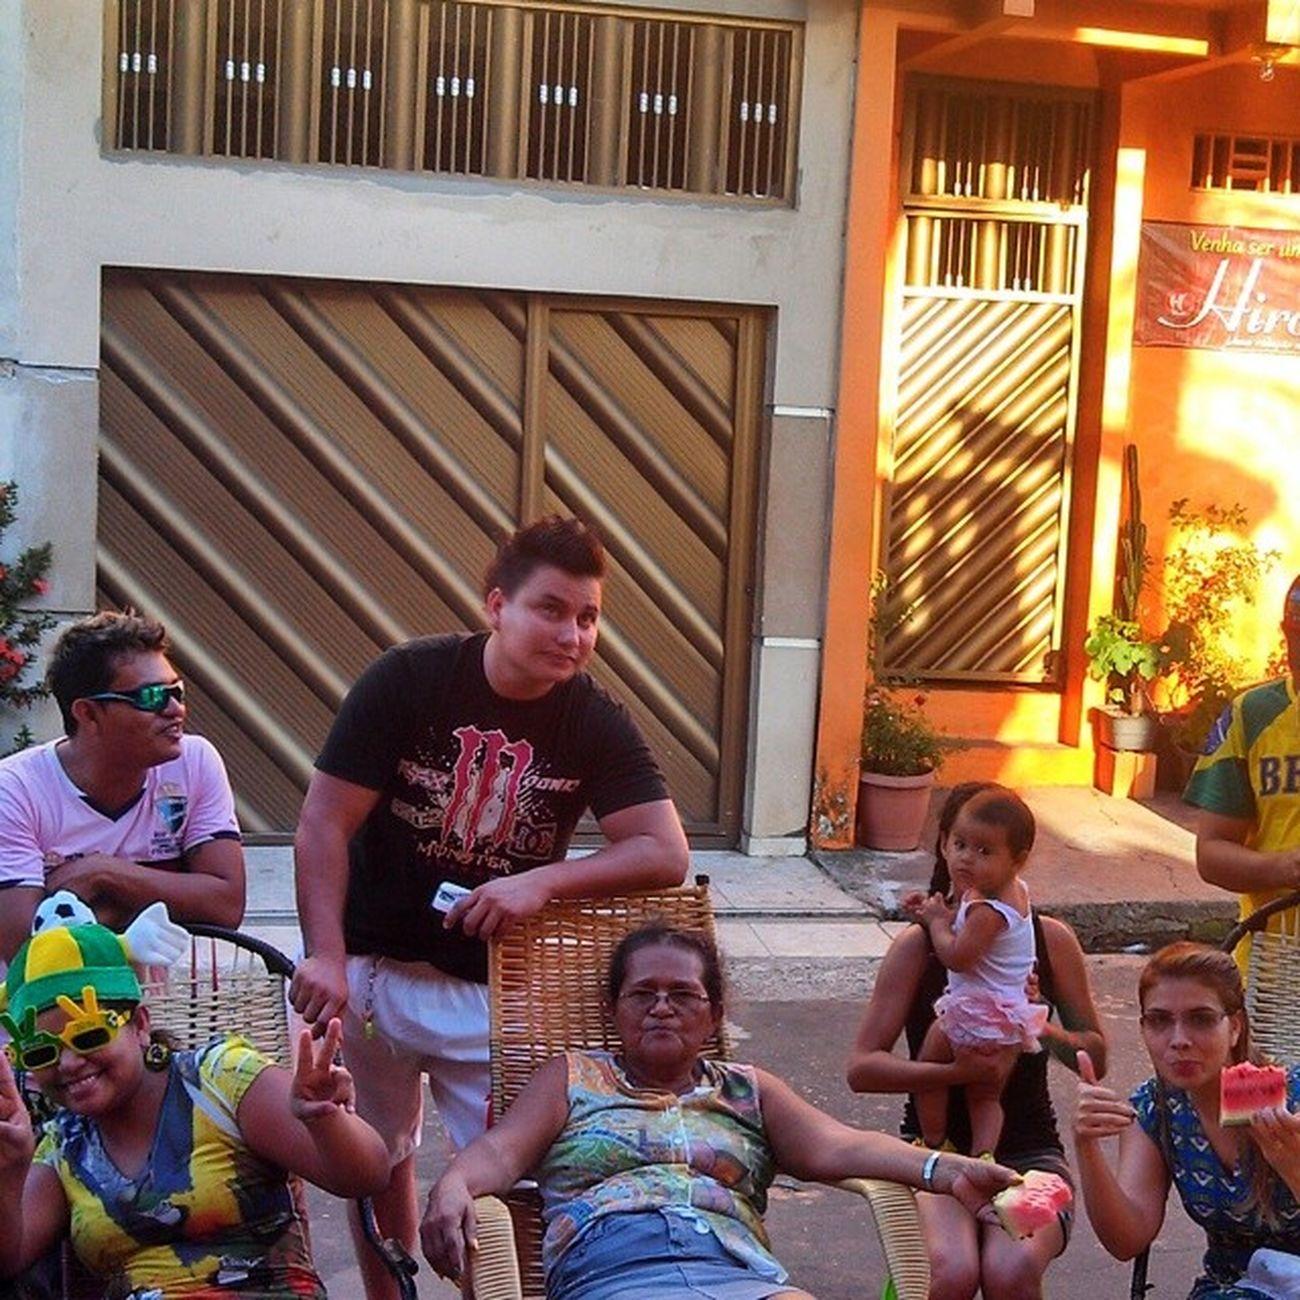 De ontem ko os vizinhos na torcida Brasil Rumo AO Hexa Vamo la pra frente brasil